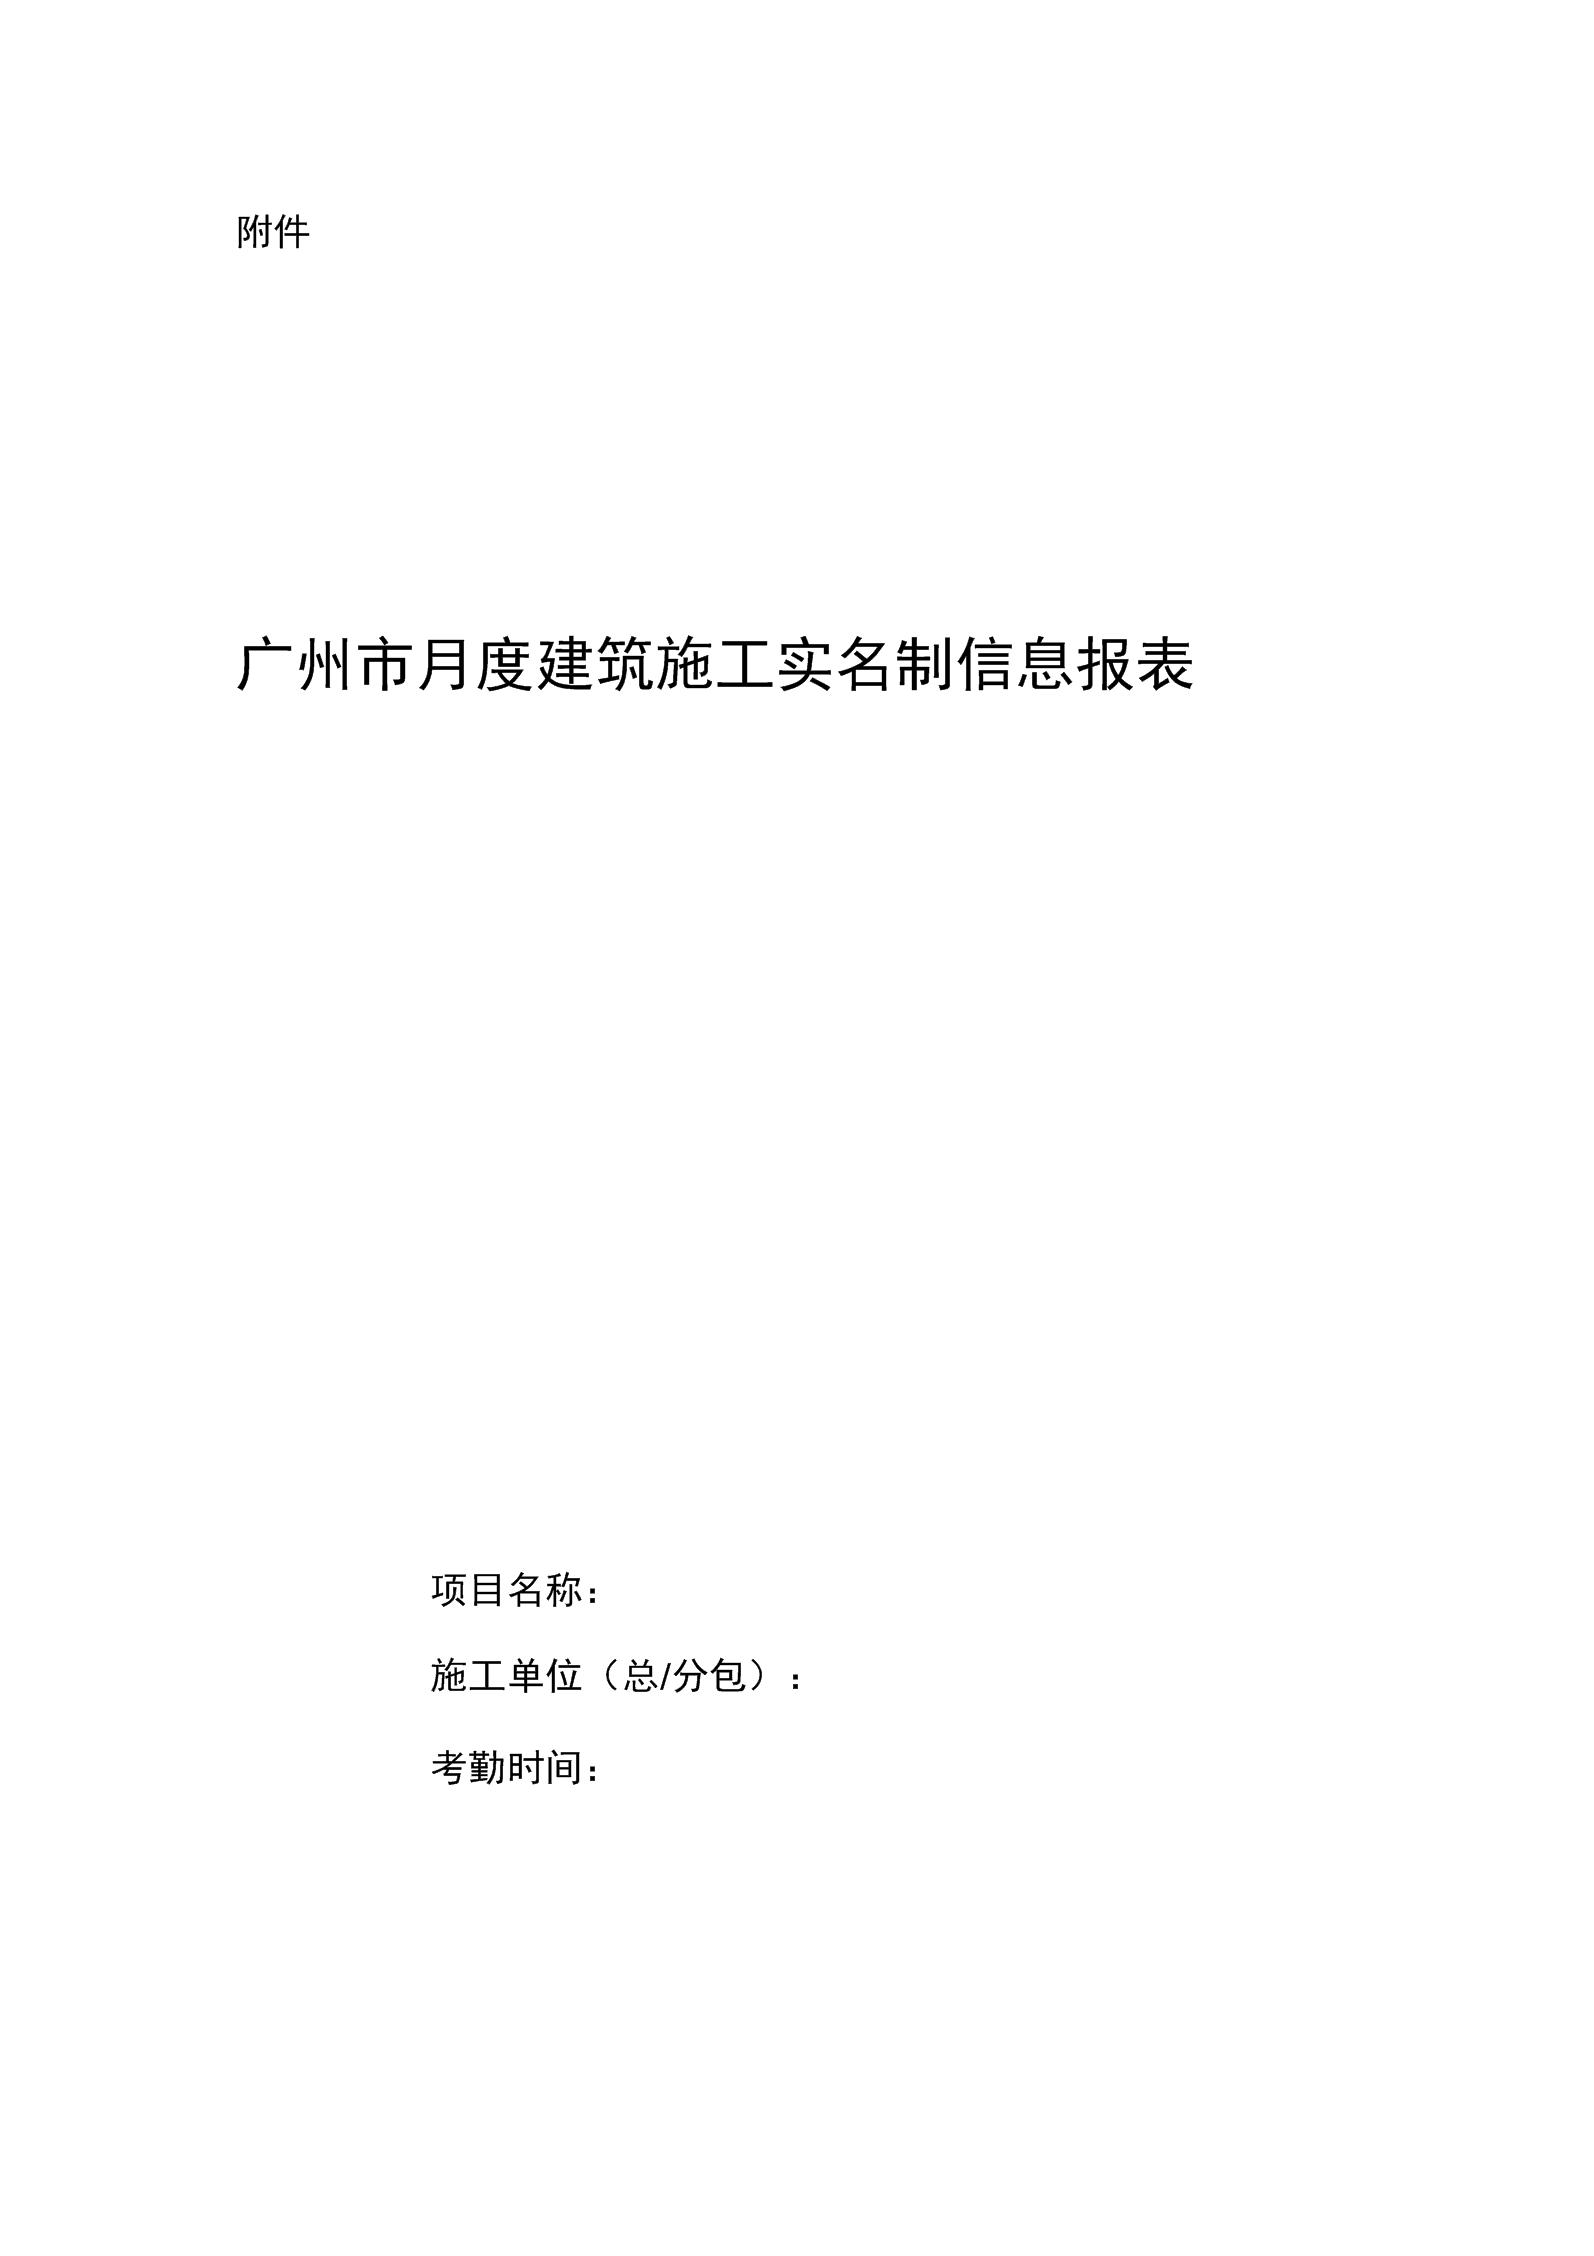 建筑施工实名制信息报表.docx